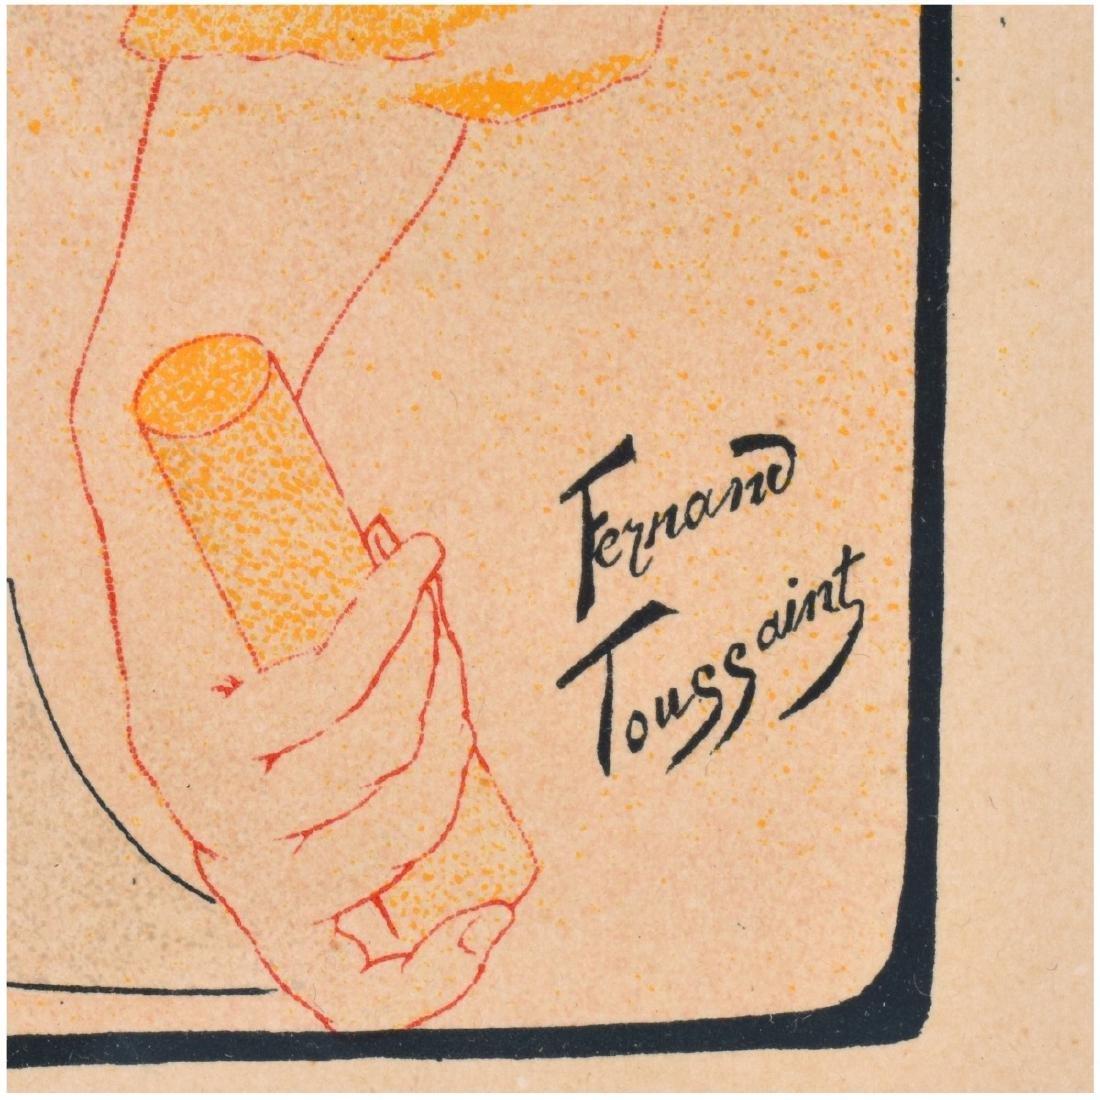 Fernand Toussaint (1873 - 1955) Lithograph - 4